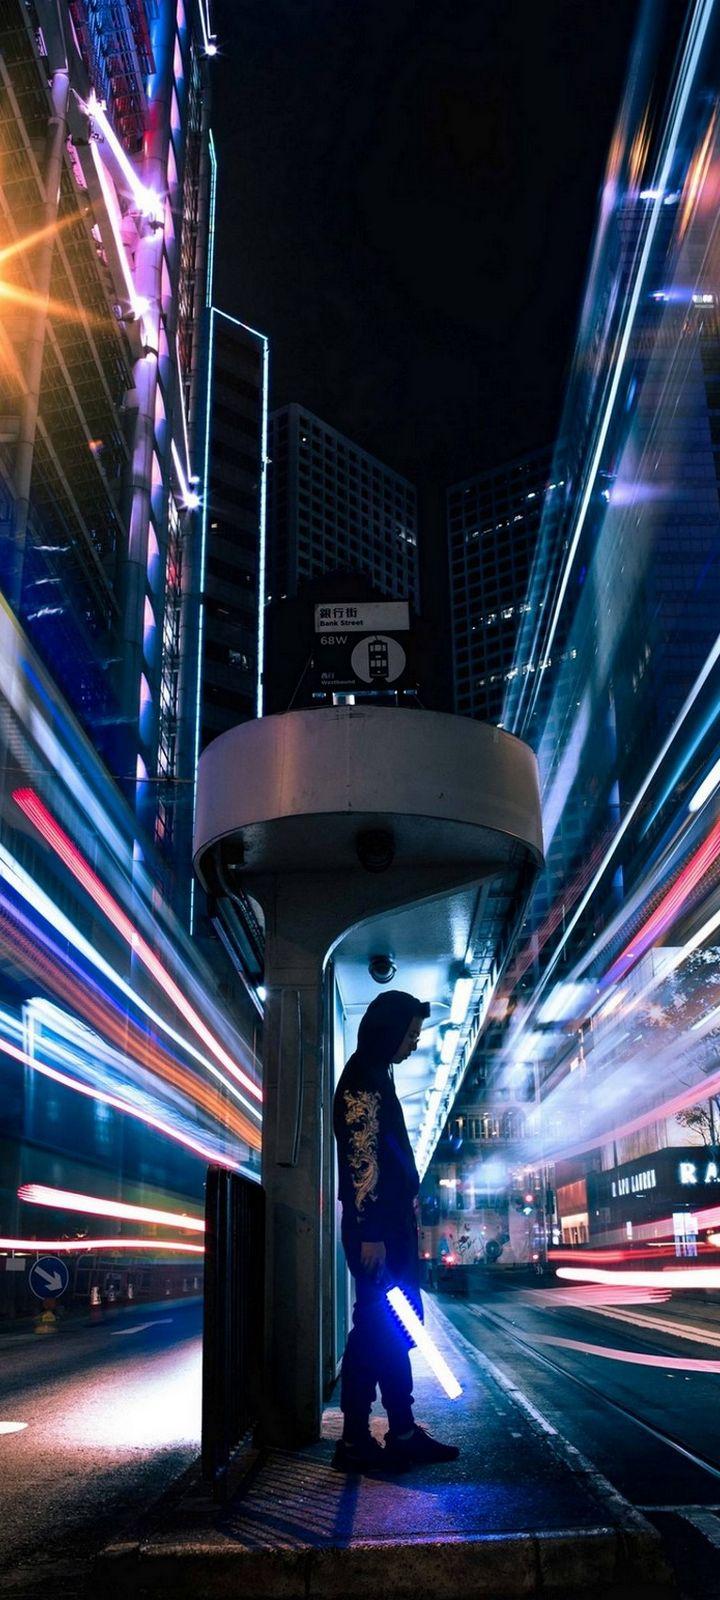 Man City Lightsaber Wallpaper 720x1600